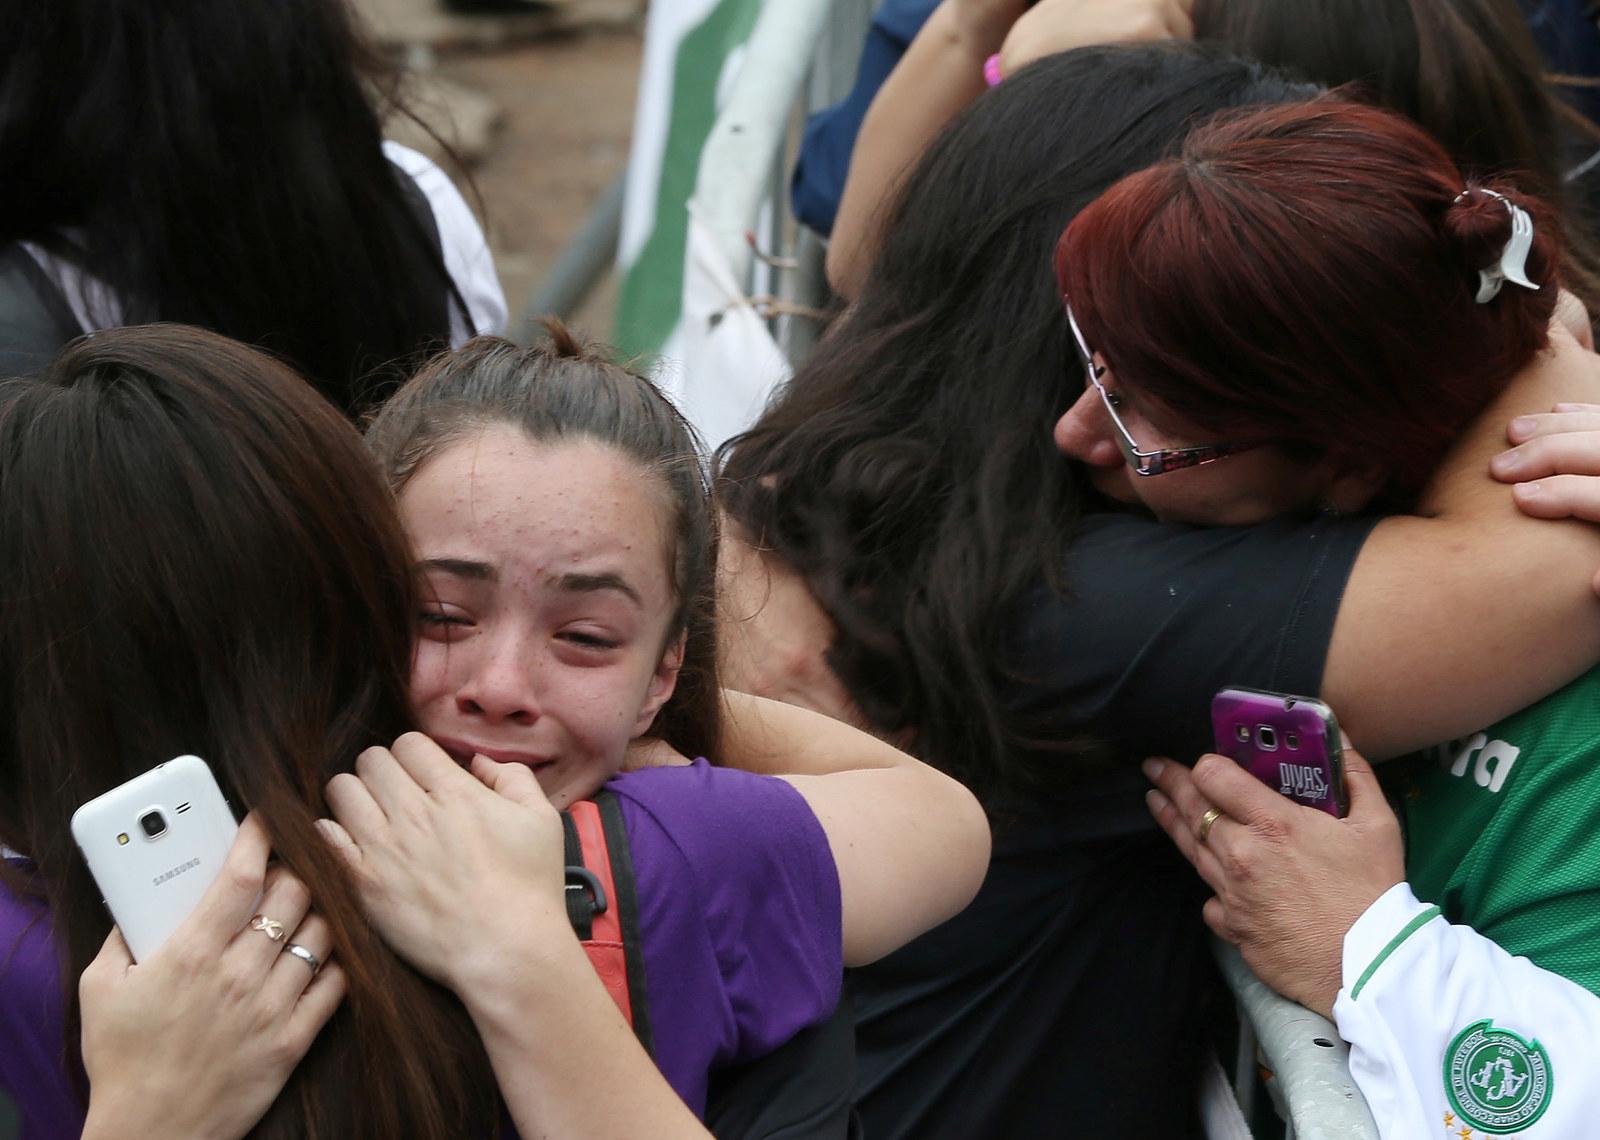 Veja fotos da comoção em Chapecó após a tragédia na Colômbia